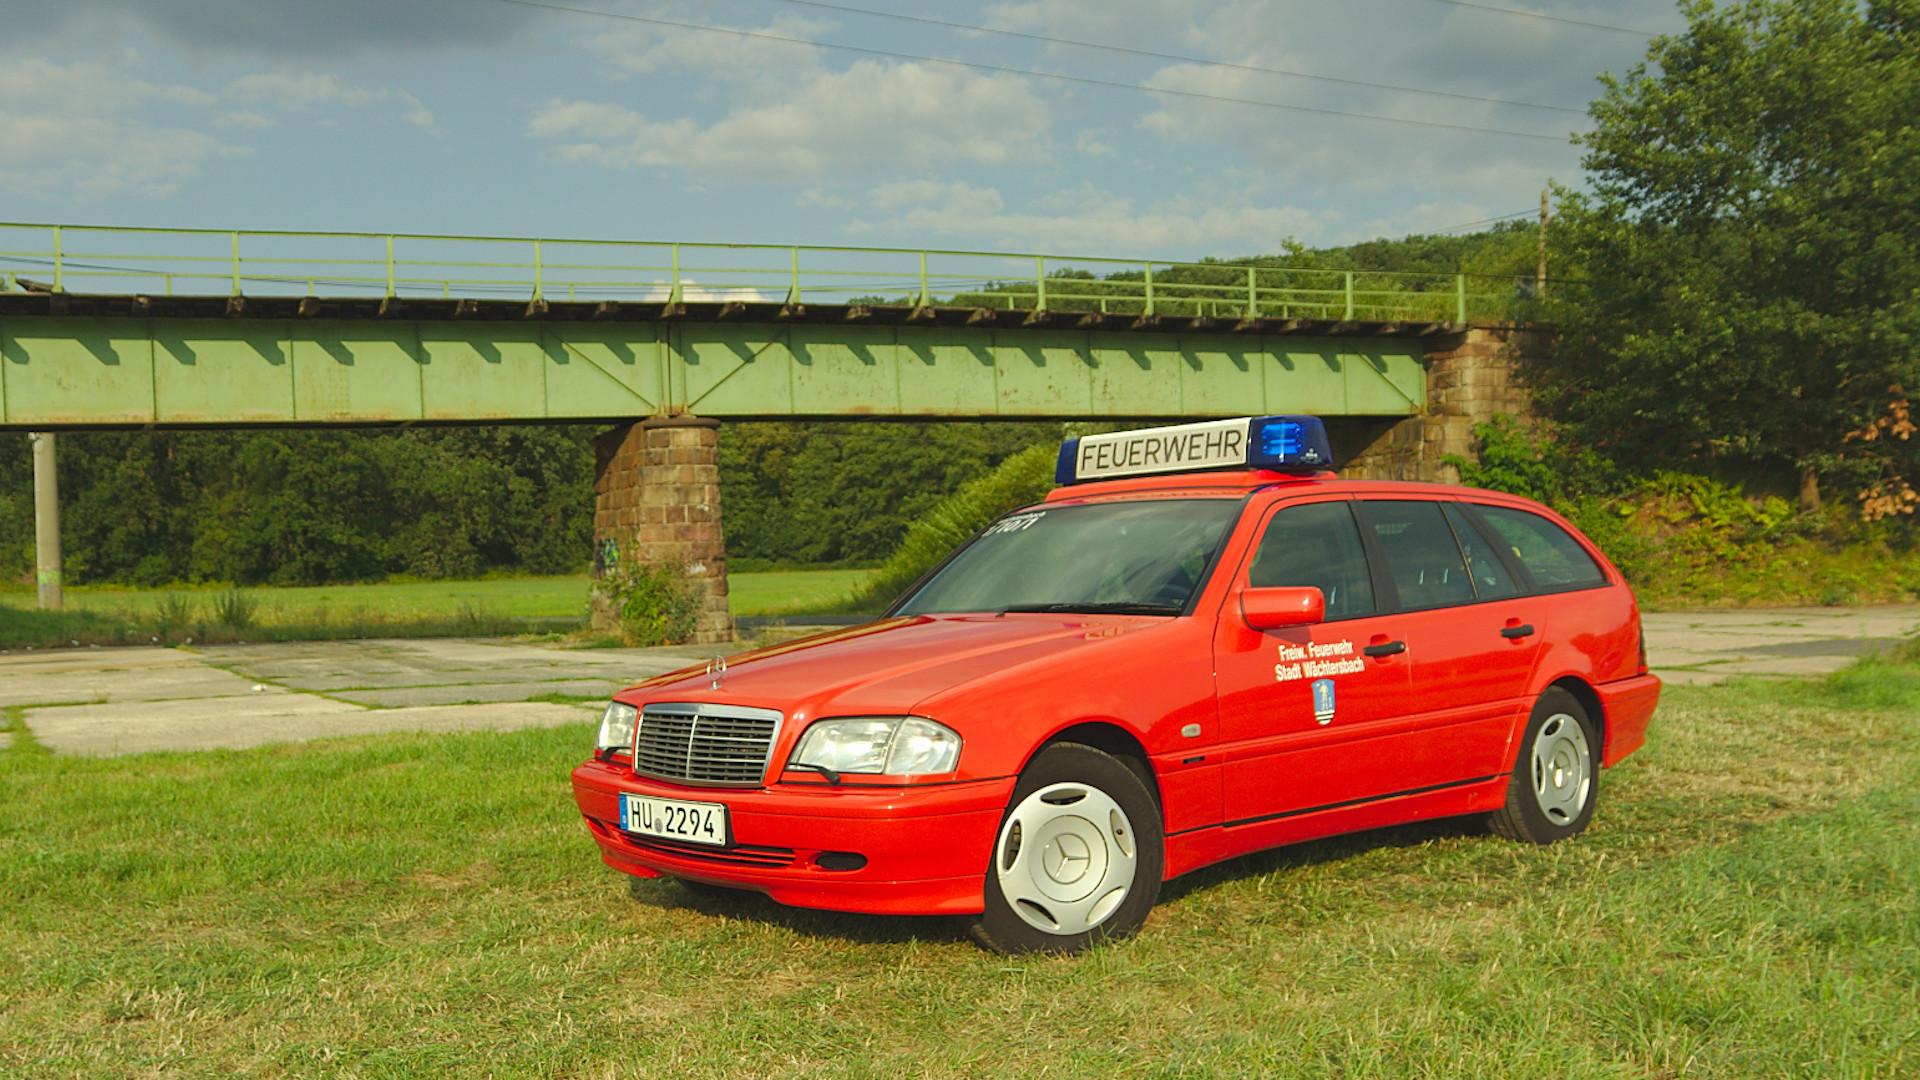 Komandowagen der Feuerwehr Wächtersbach